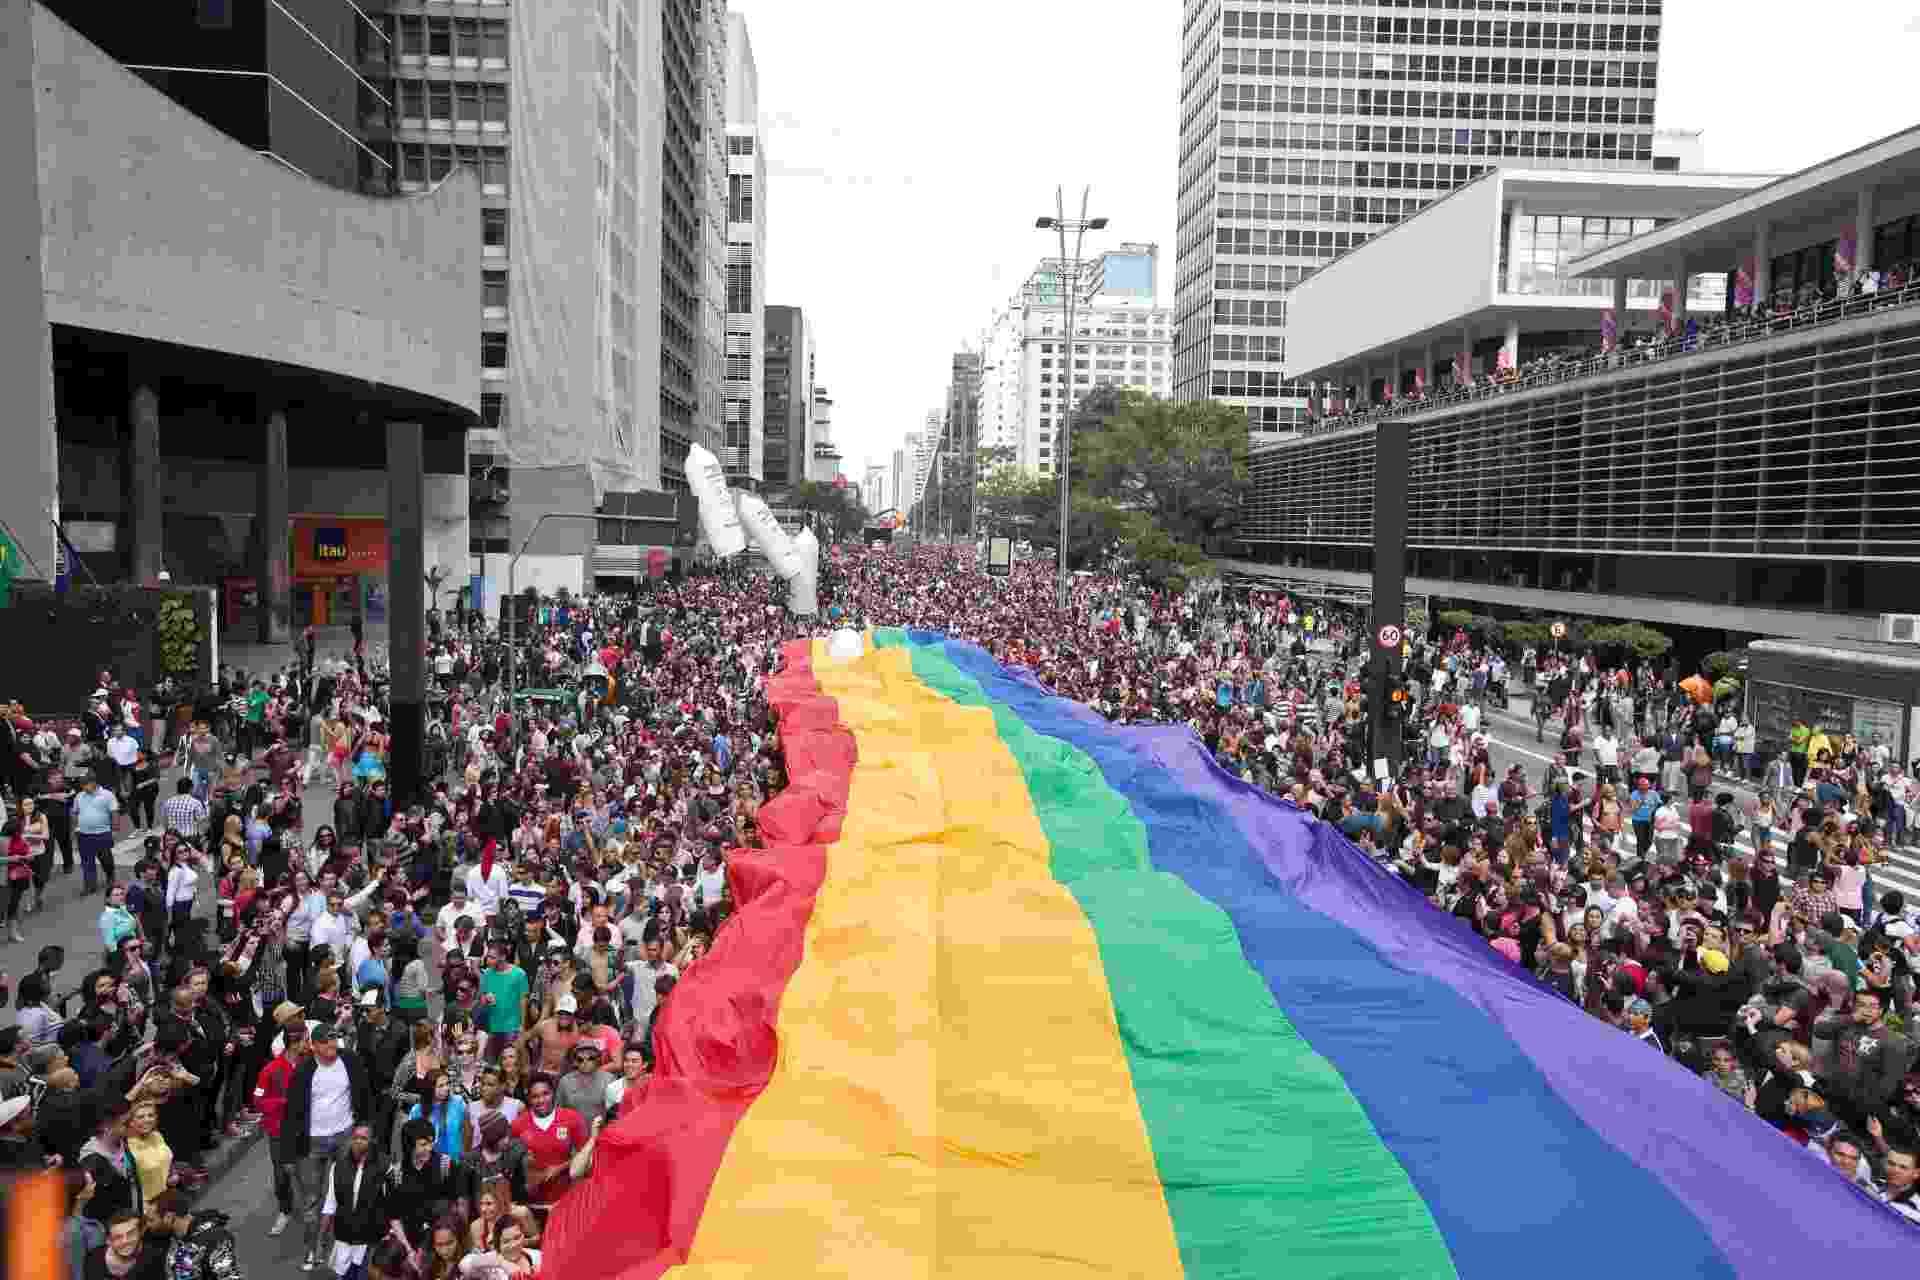 Imagem da 16ª Parada Gay, realizada no dia 10 de junho de 2012, em São Paulo. Em 2011, apenas 14,0% (383) dos órgãos gestores de políticas de direitos humanos declararam ter programas para lésbicas, gays, bissexuais, travestis e transexuais  - Simon Plestenjak/Folhapress